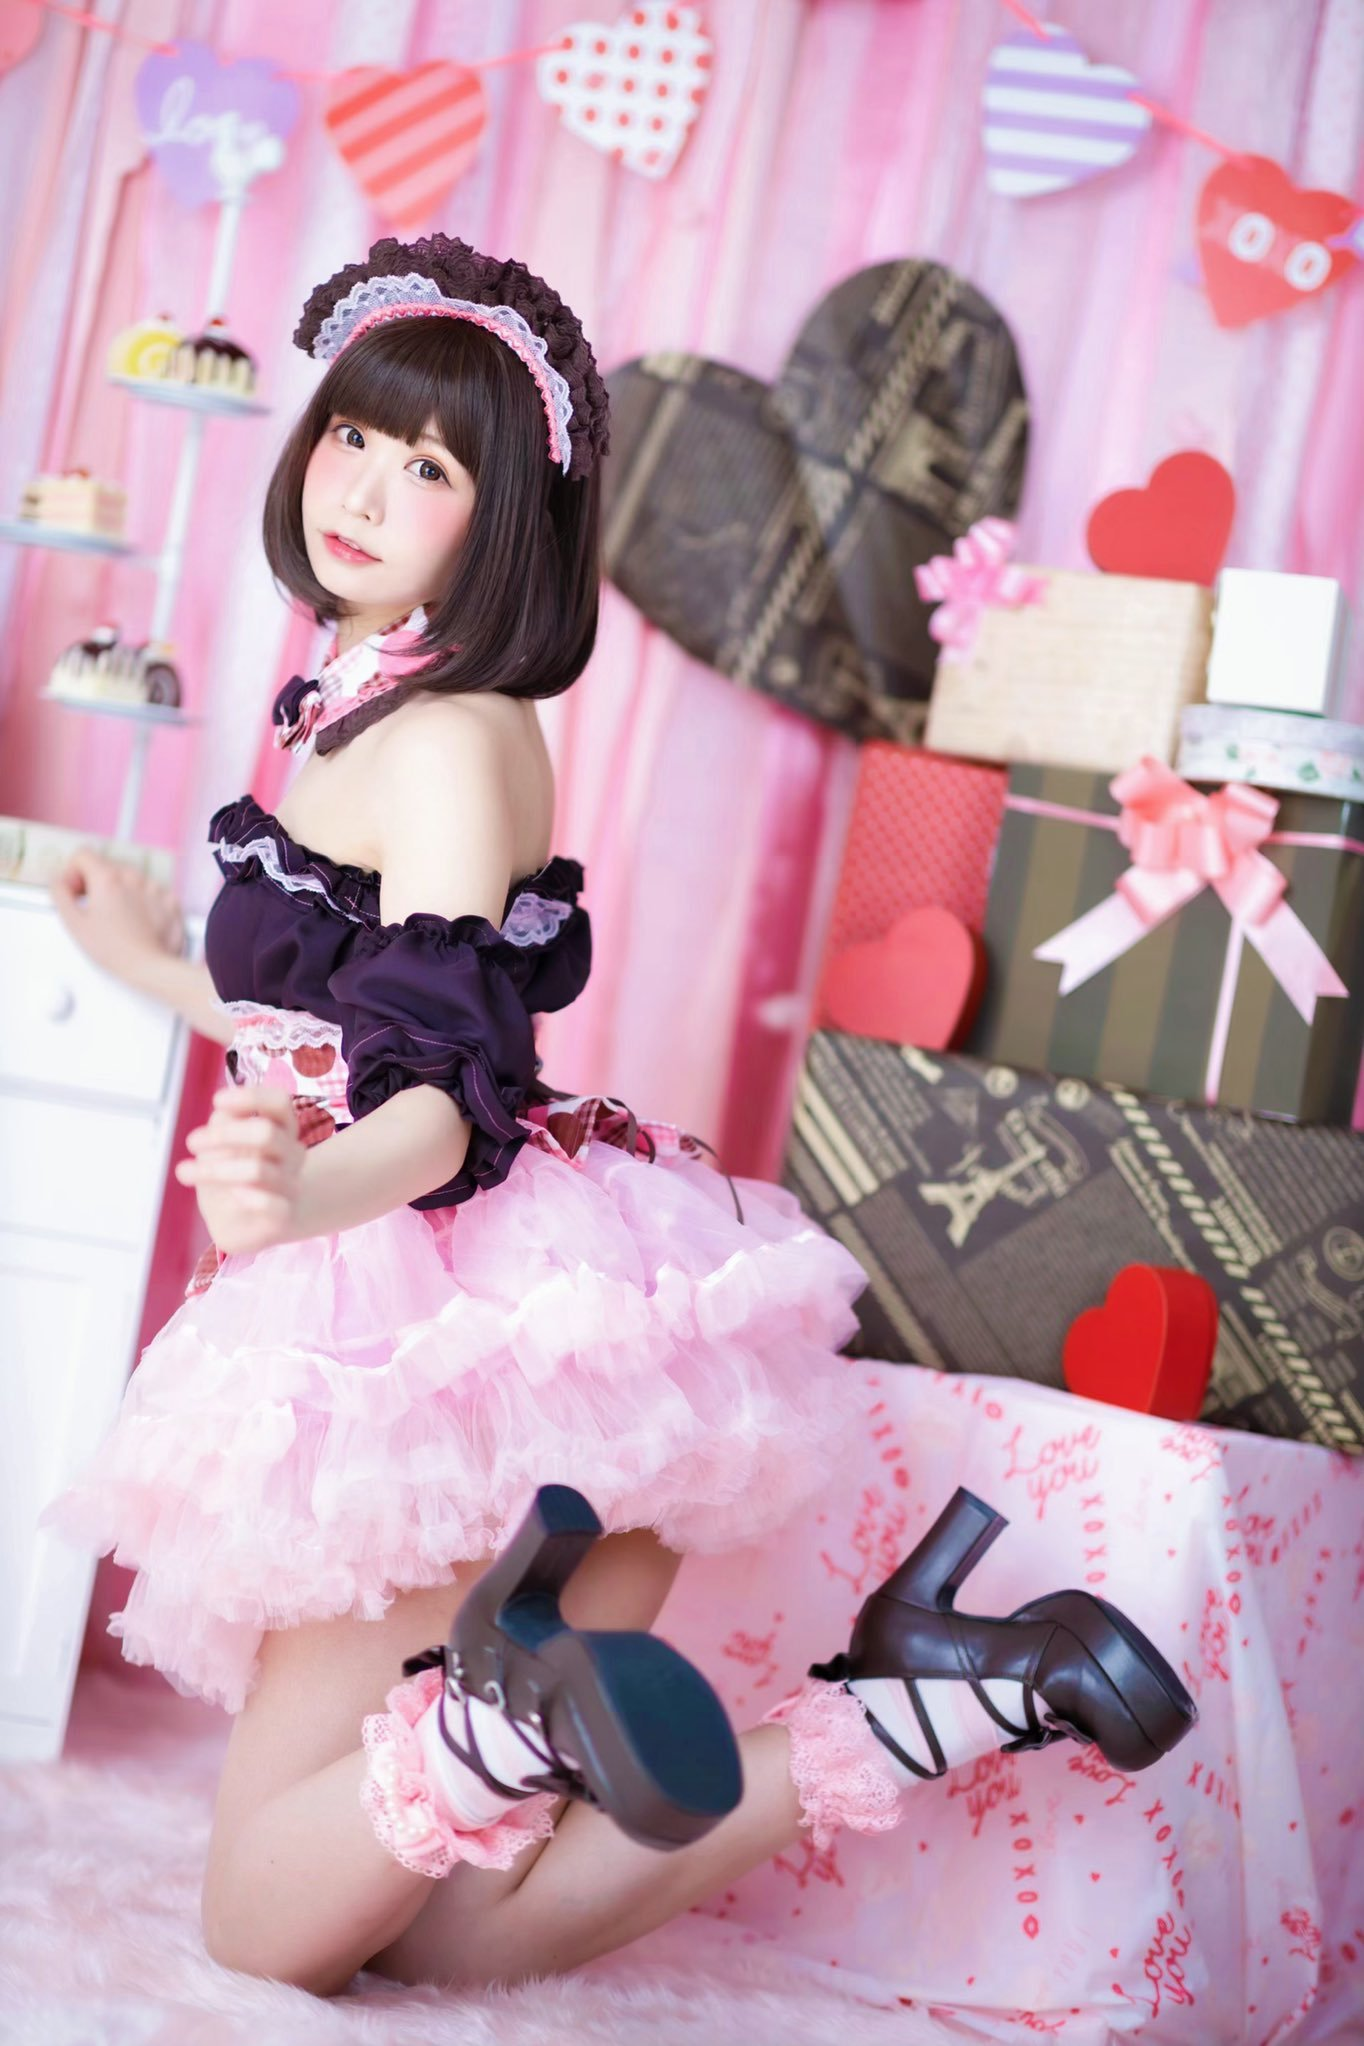 itsuki_akira 1228243048074579970_p3